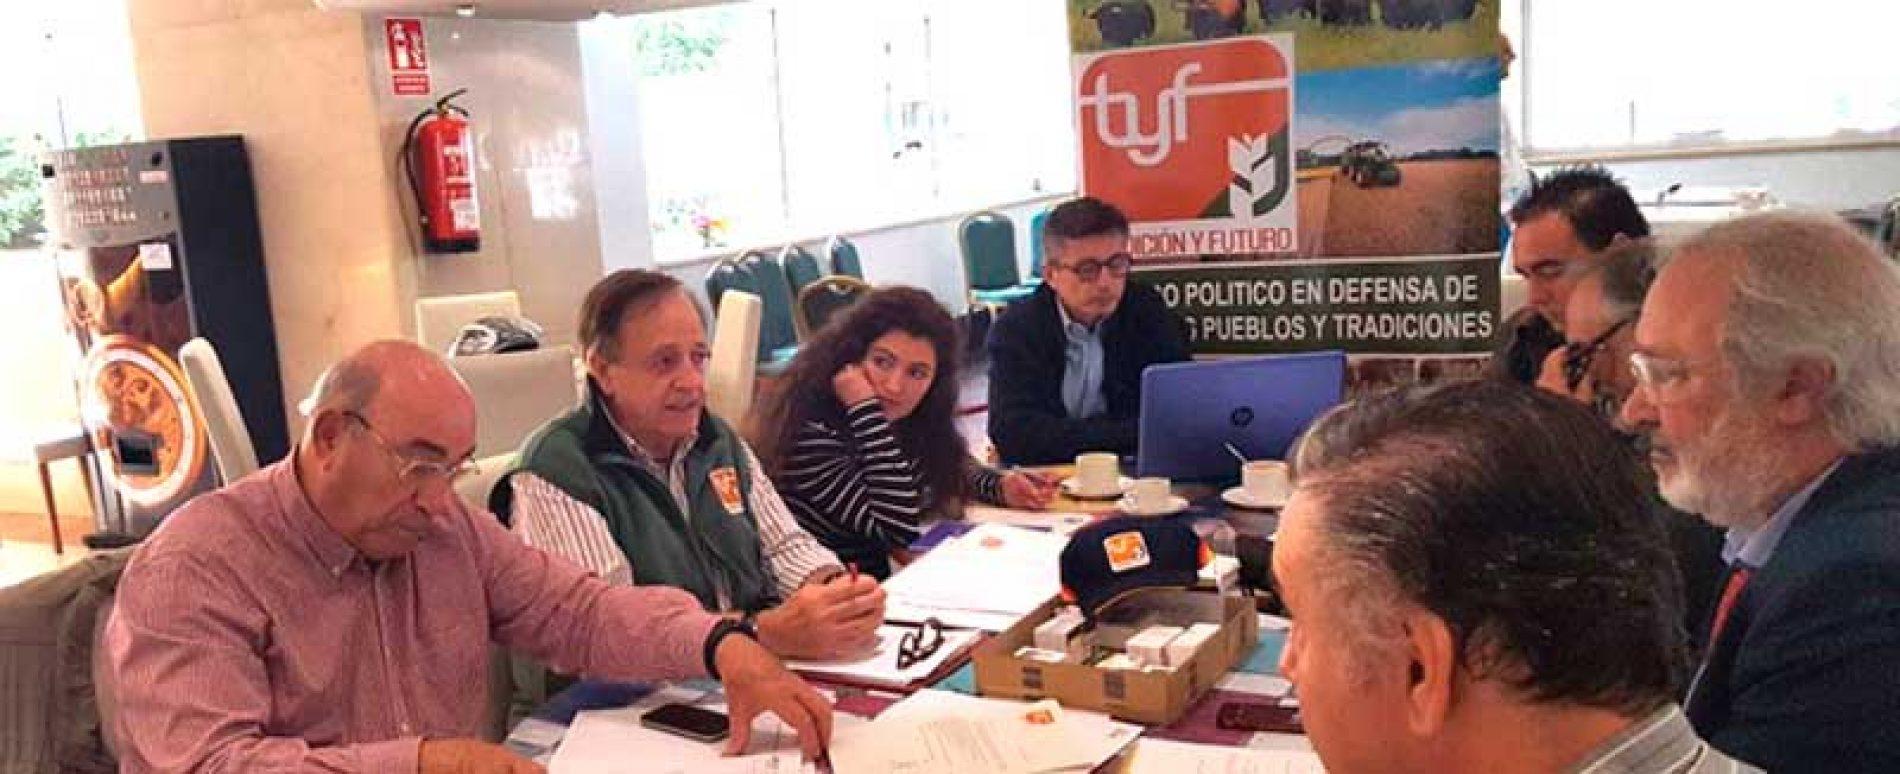 No a la prohibición de la caza y la pesca en España